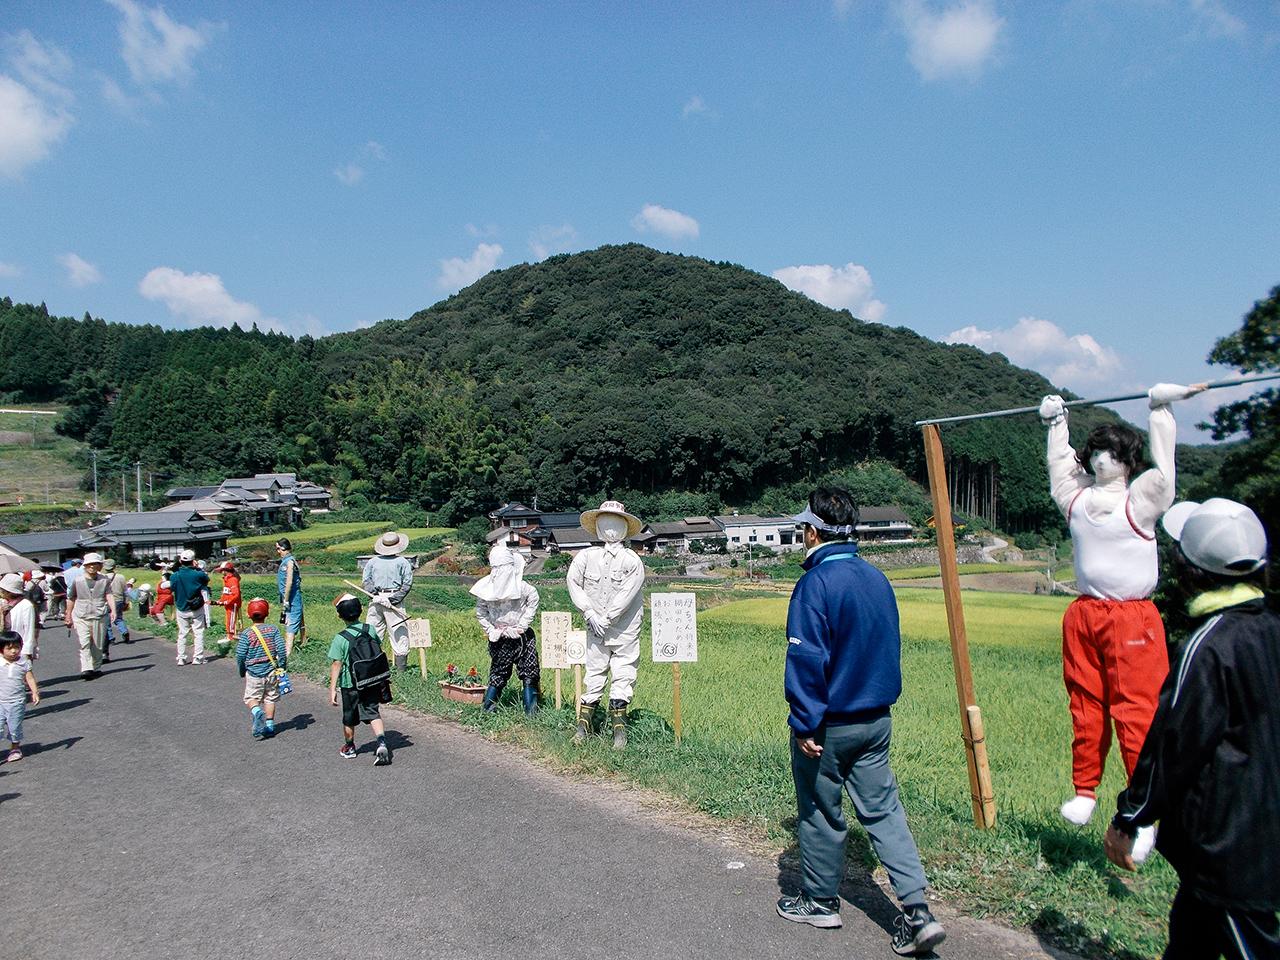 เที่ยวจ.นางาซากิ (Nagasaki) และ ซากะ (Saga) - Onigi Tanada